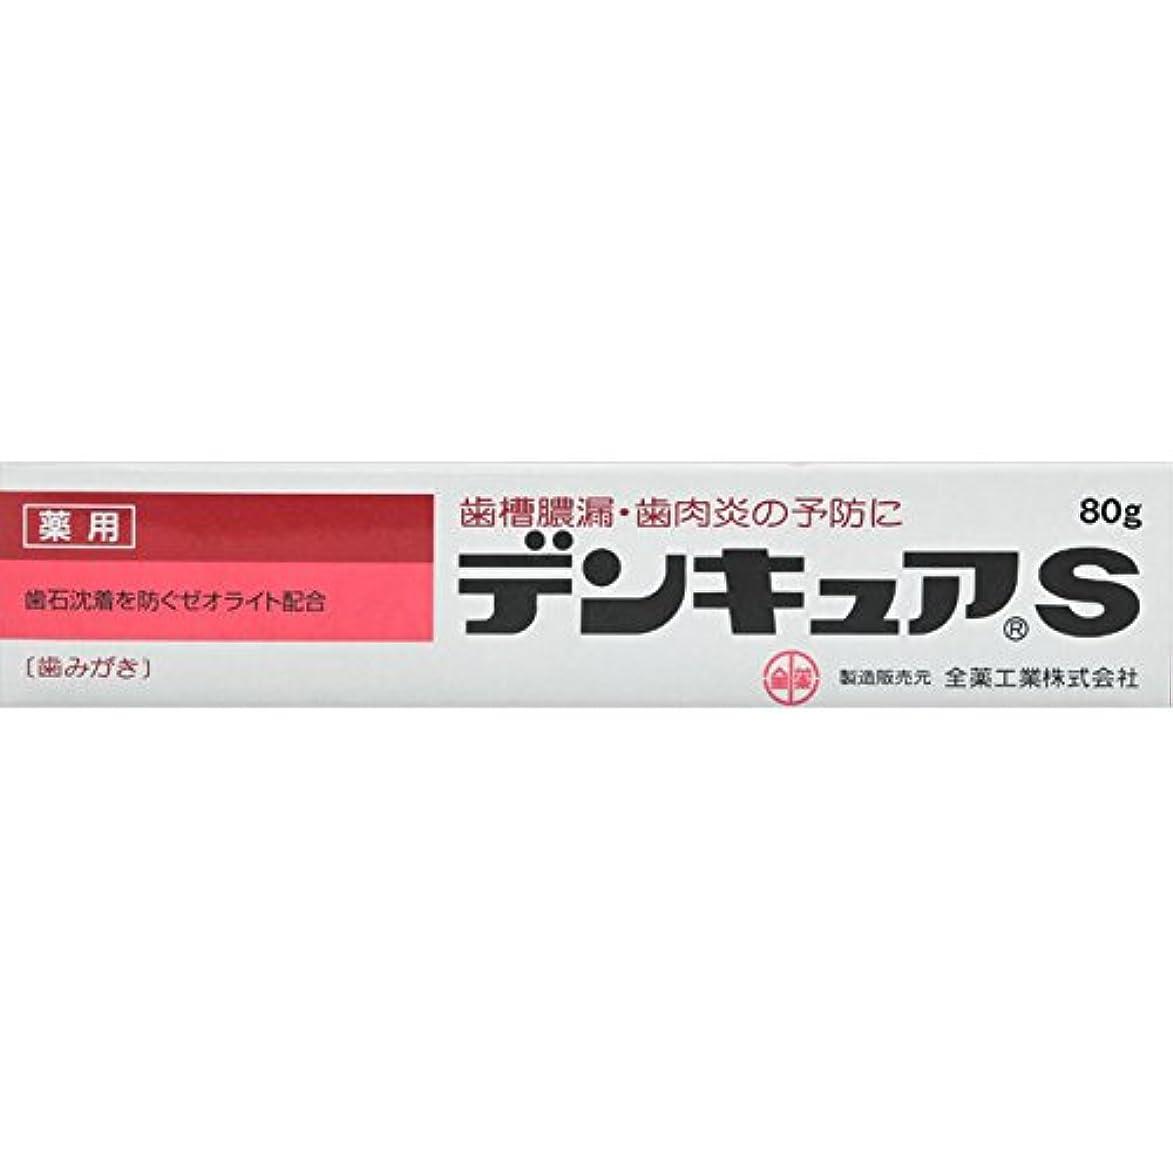 喜び生理予測する全薬工業 デンキュアS 80g (医薬部外品)